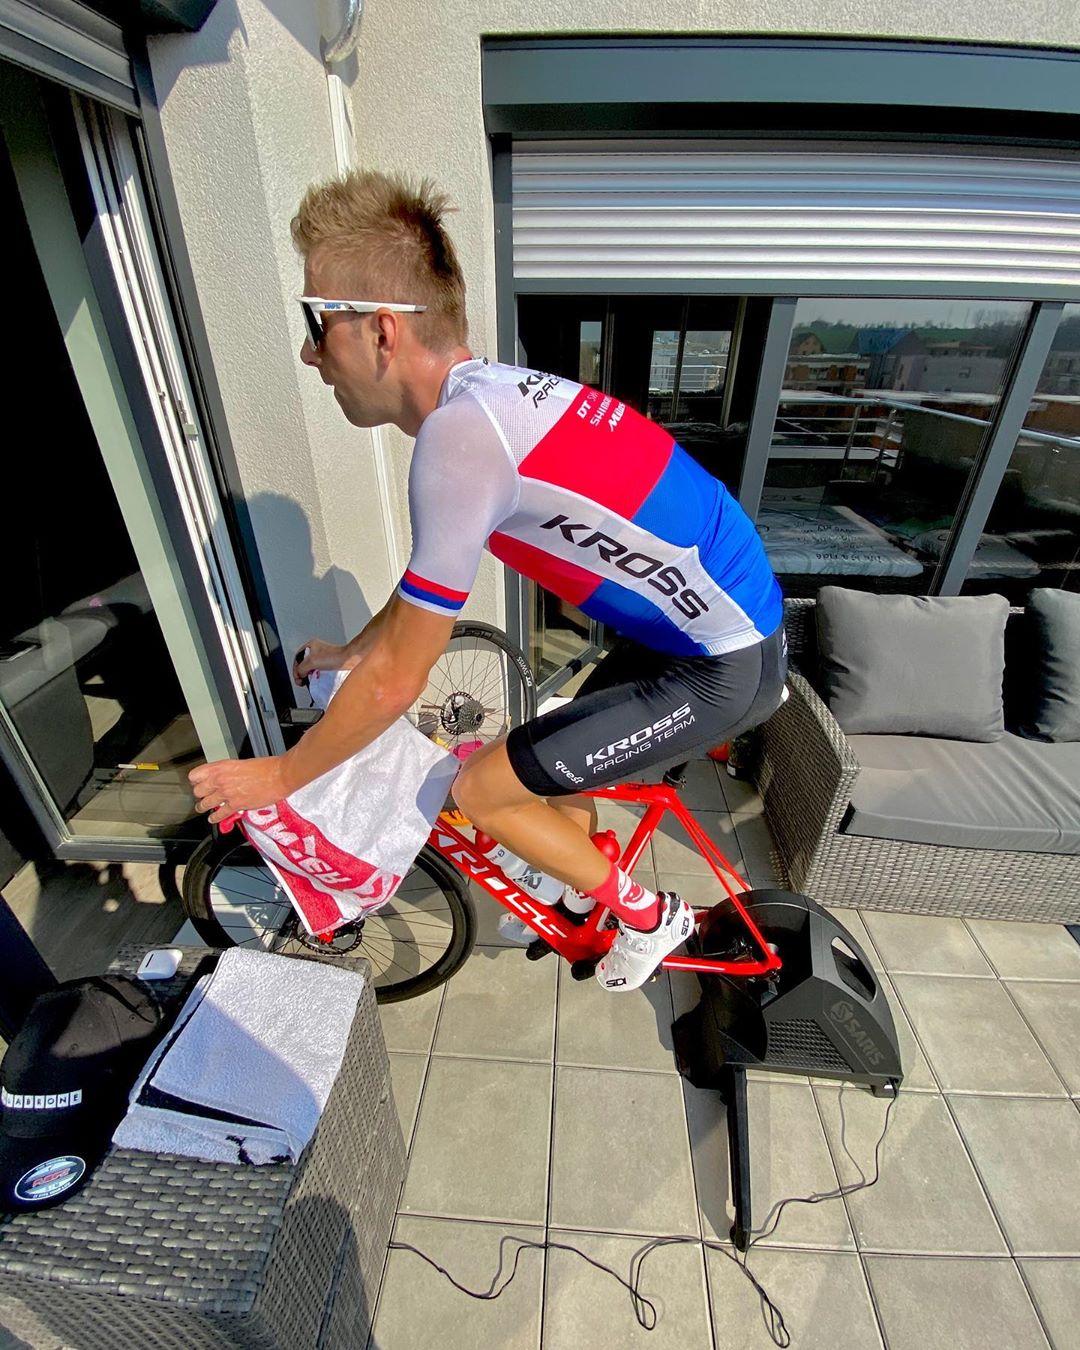 Ondřej Cink během jarní karantény při tréninku na smart biku. Foto: instagram